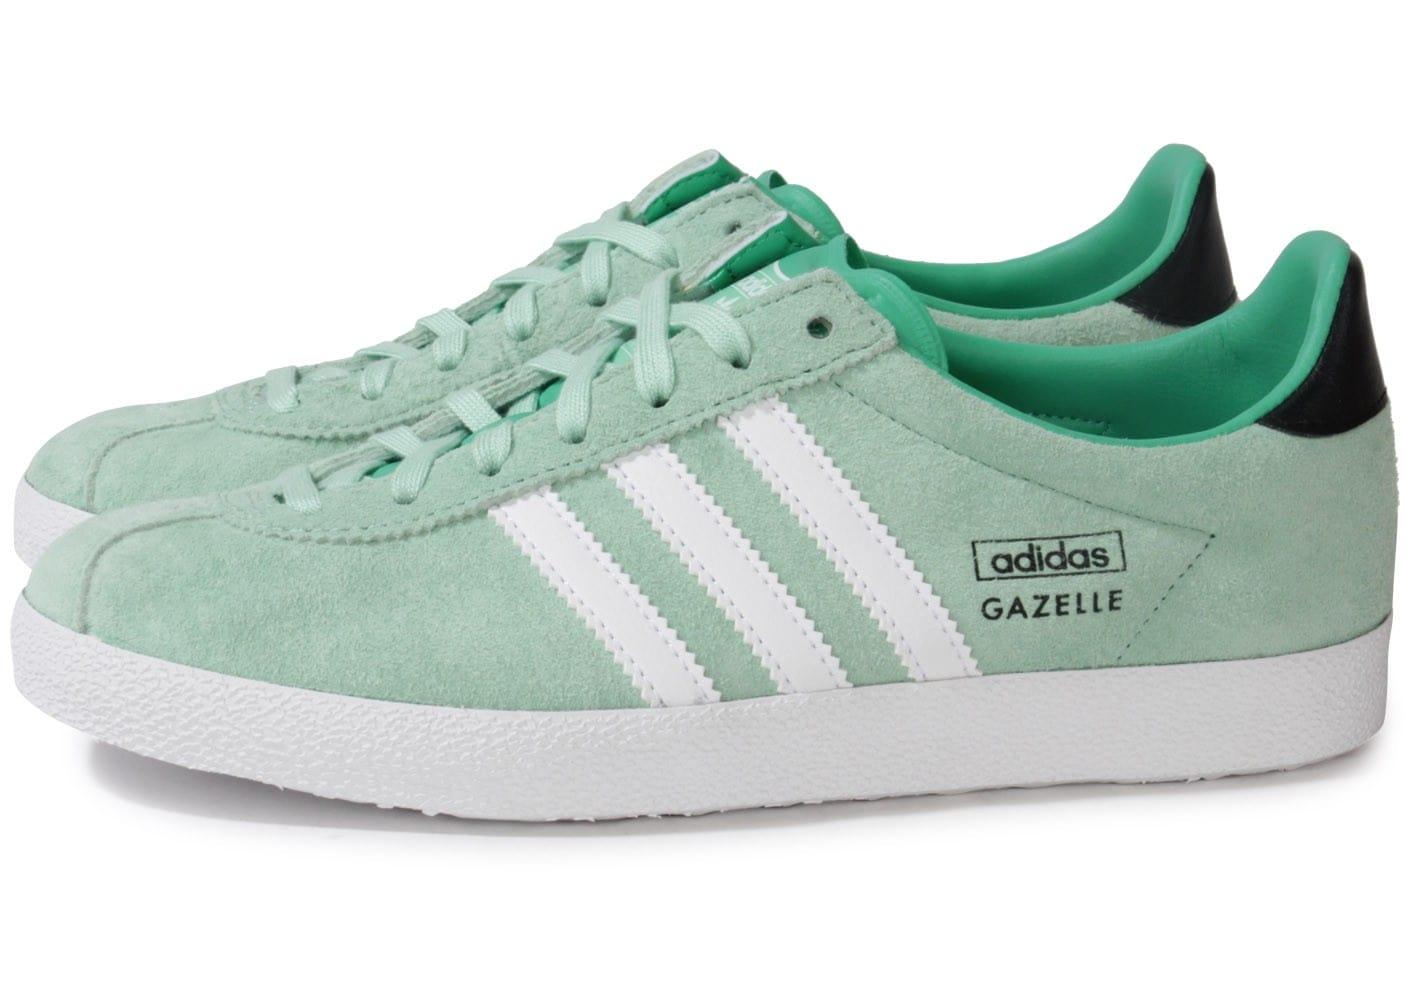 Promotion de groupe adidas gazelle vert menthe.Dédié à